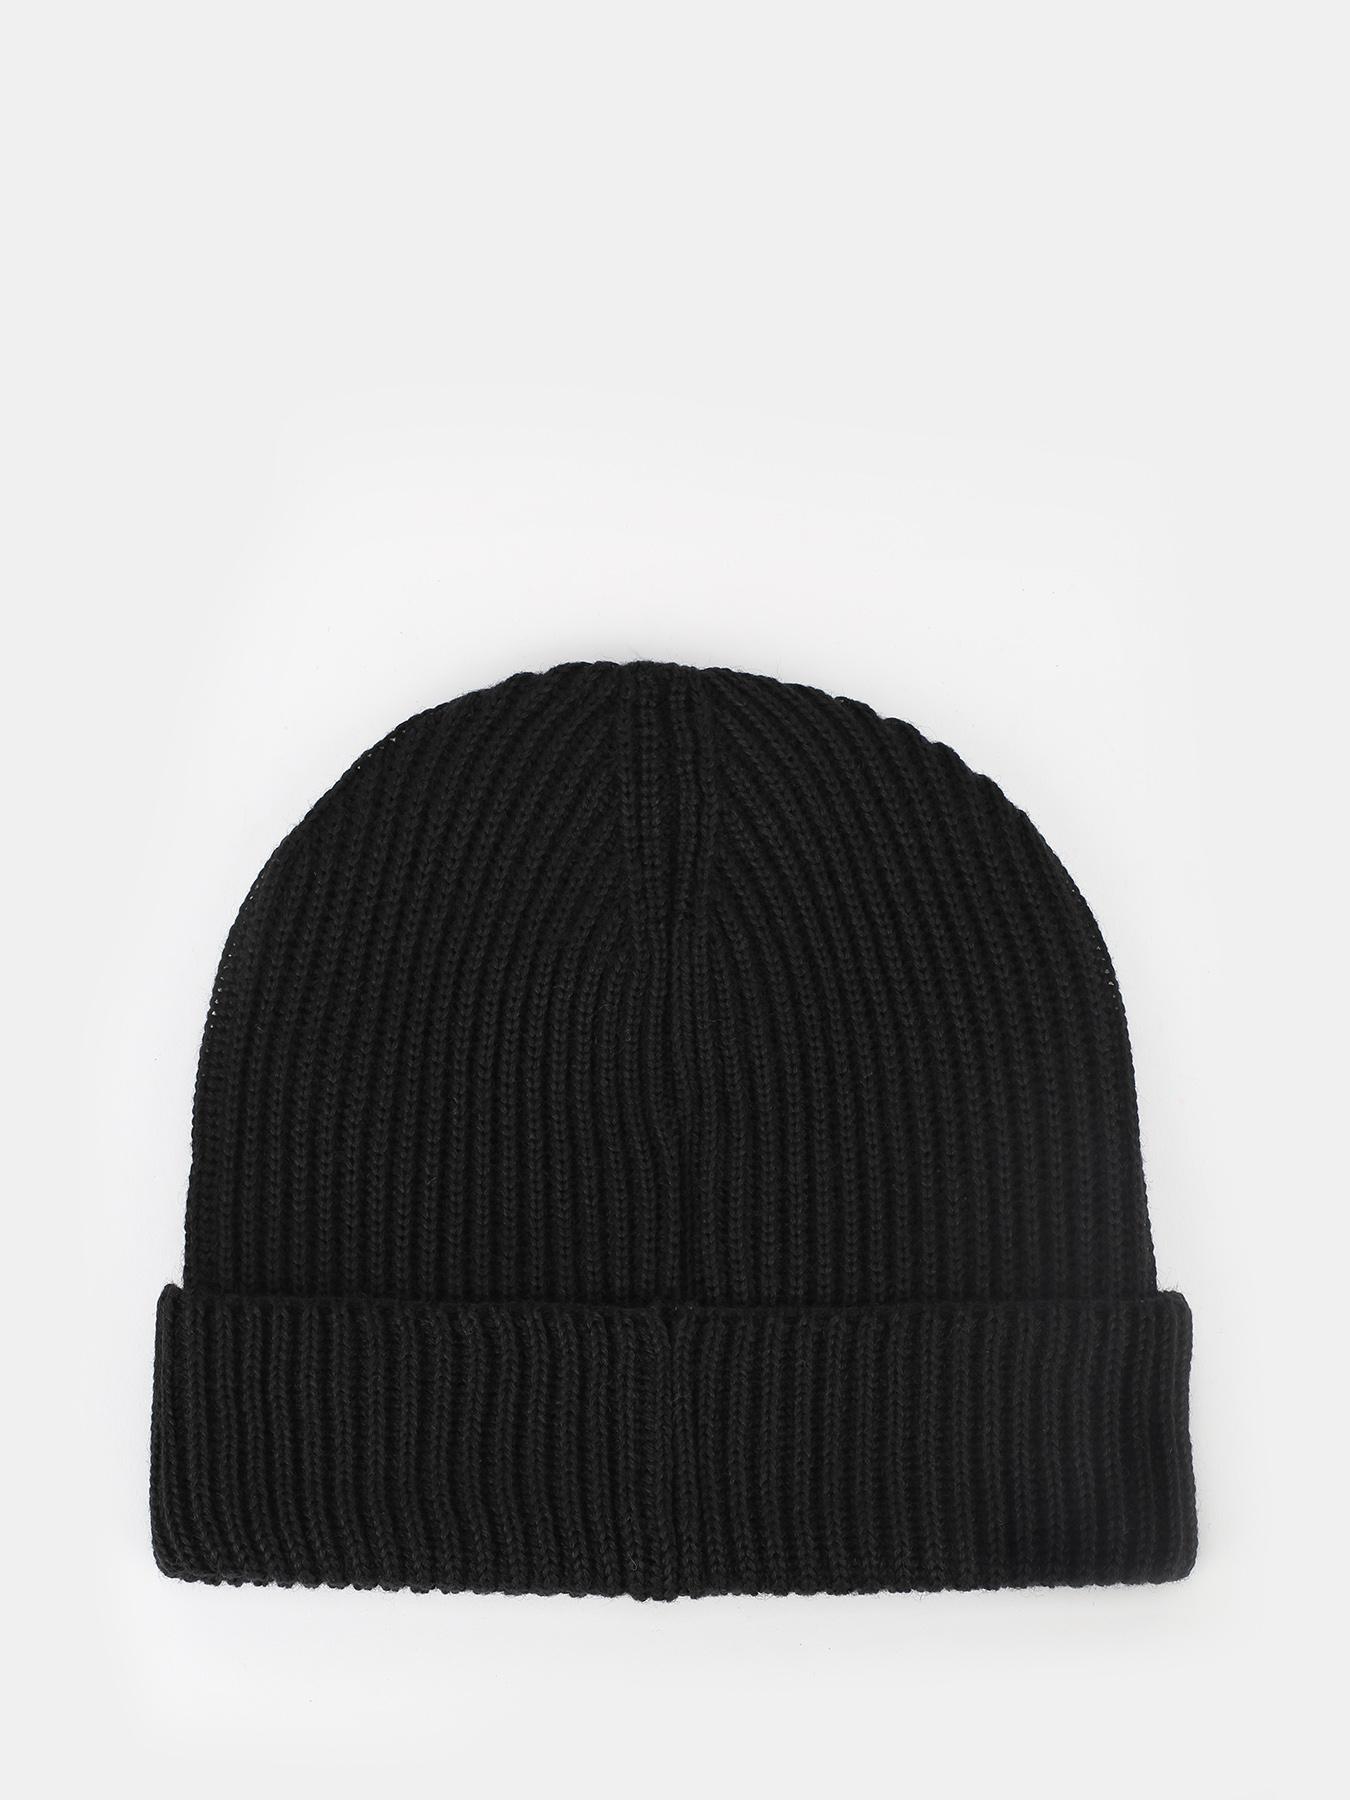 Шапка Alessandro Manzoni Мужская шапка шапка мужская billabong цвет коричневый l5bn09 bif8 594 размер универсальный